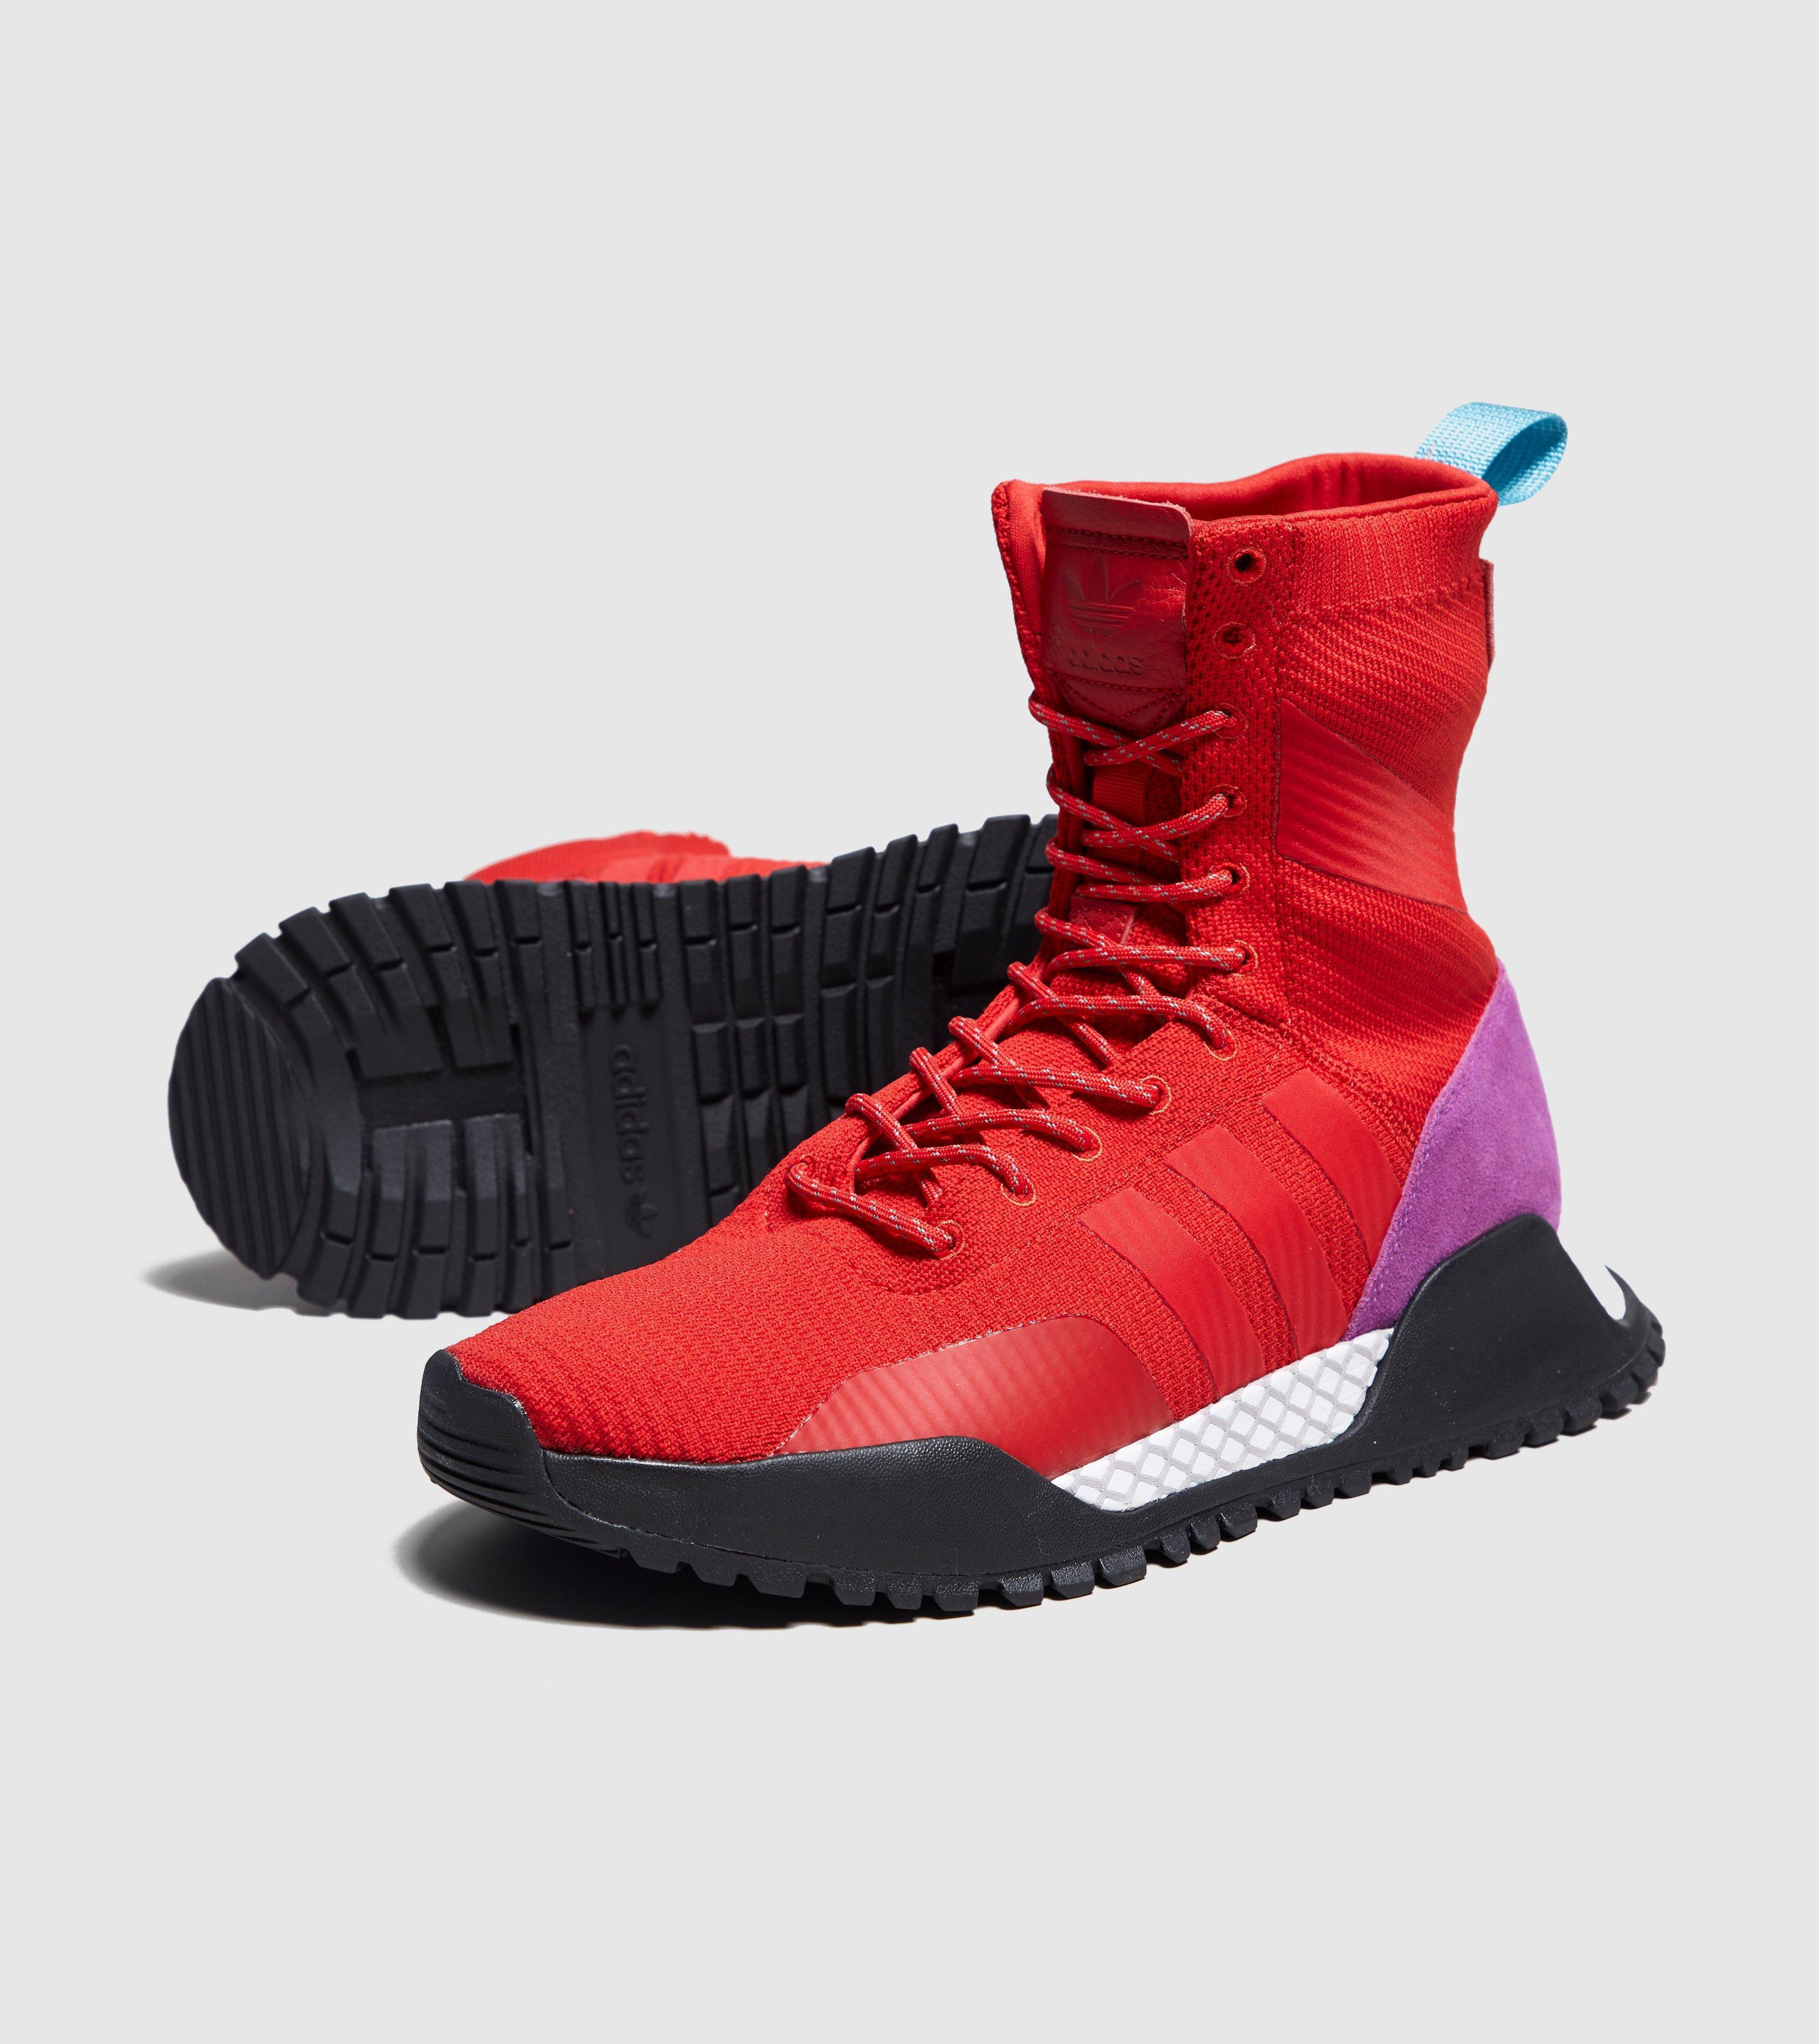 Adidas Originals primeknit Bota en rojo para hombres Lyst